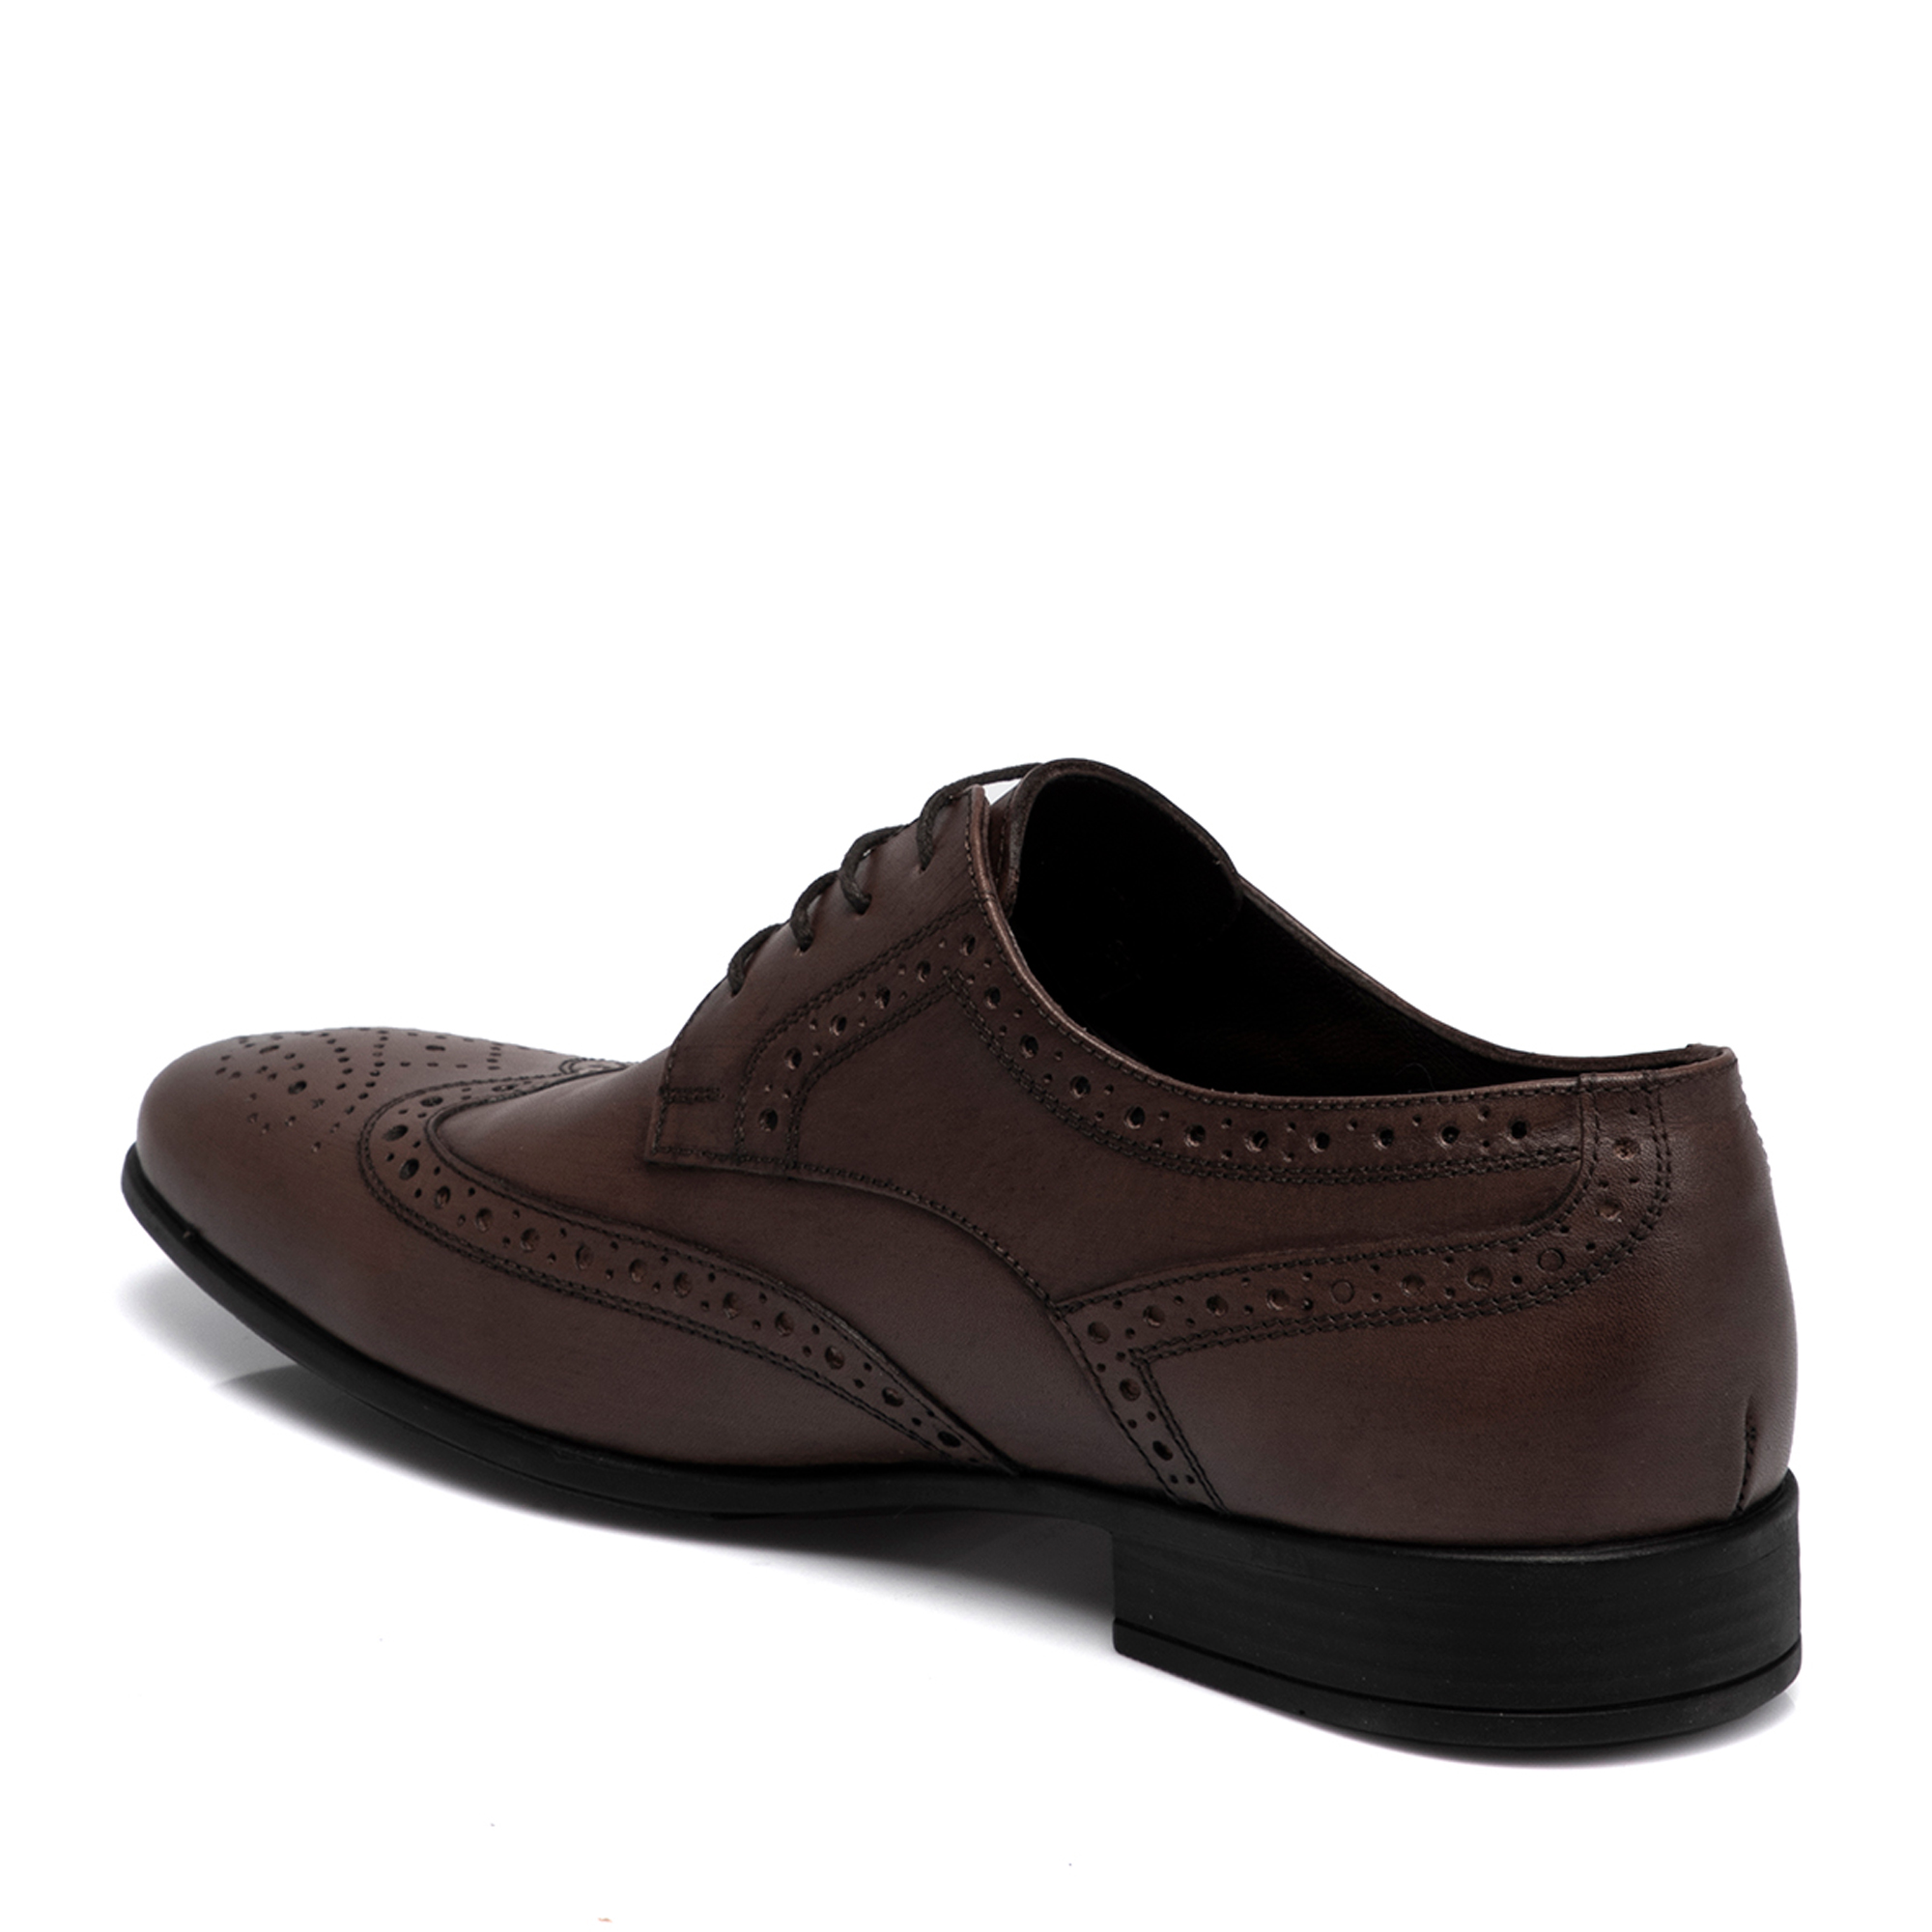 Taba Deri Erkek Ayakkabı 54379A29